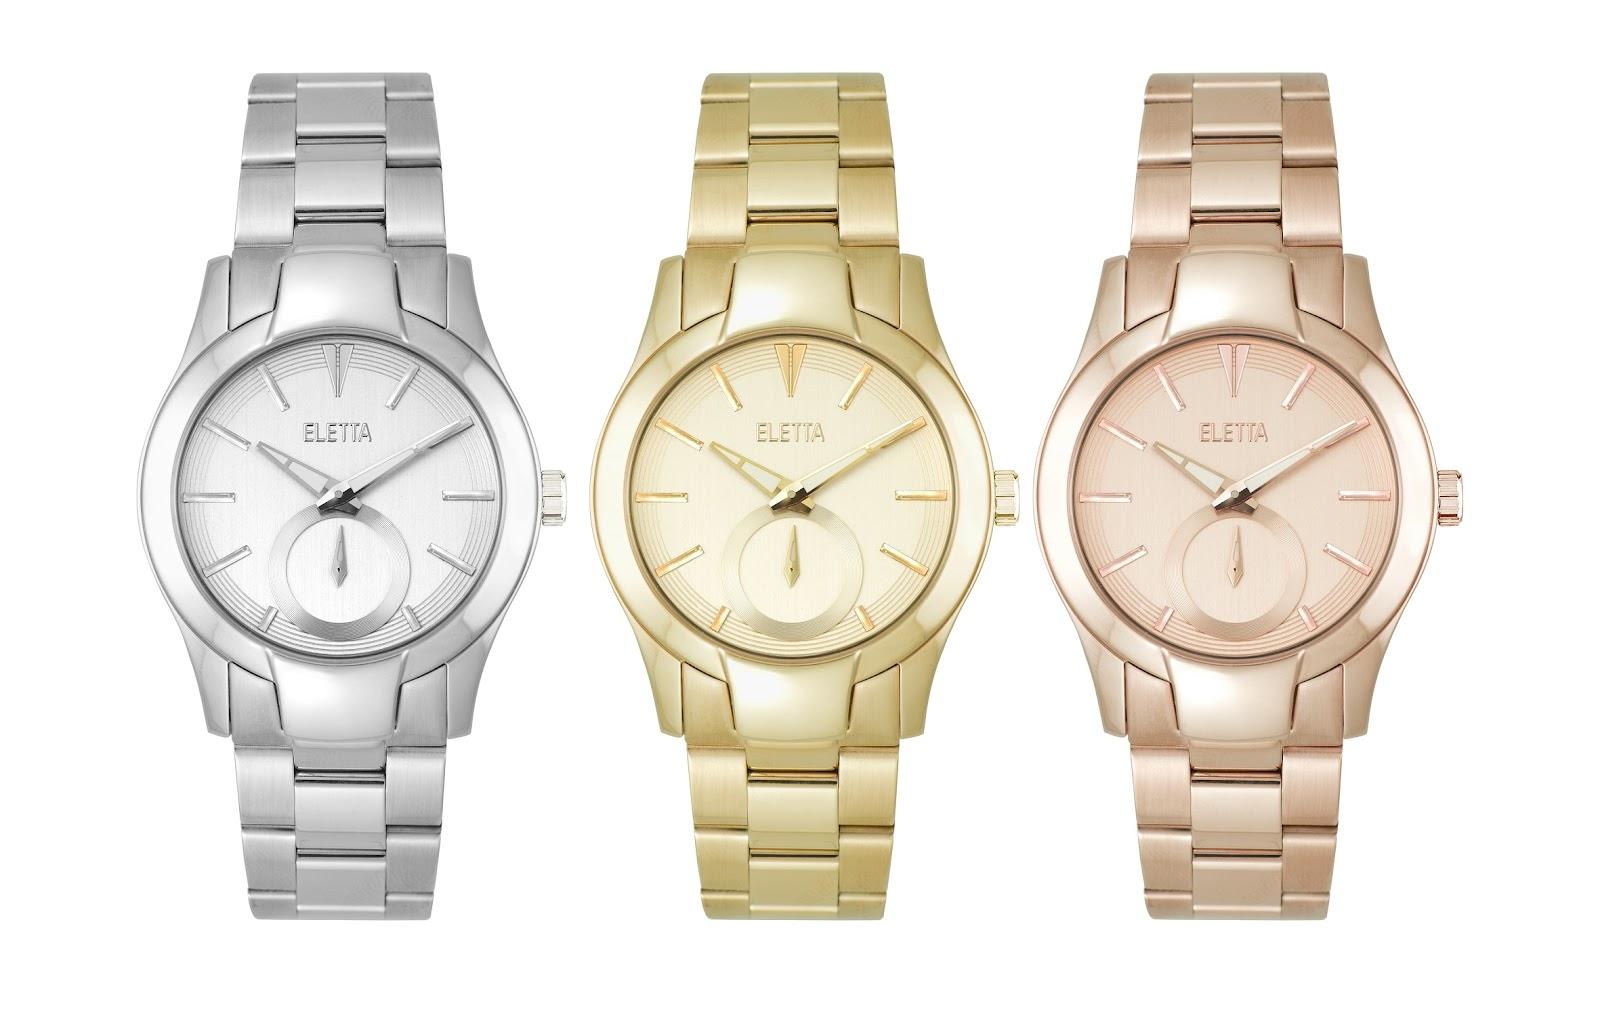 a98e0000693 Estação Cronográfica  Chegado(s) ao mercado - relógios Eletta Glam